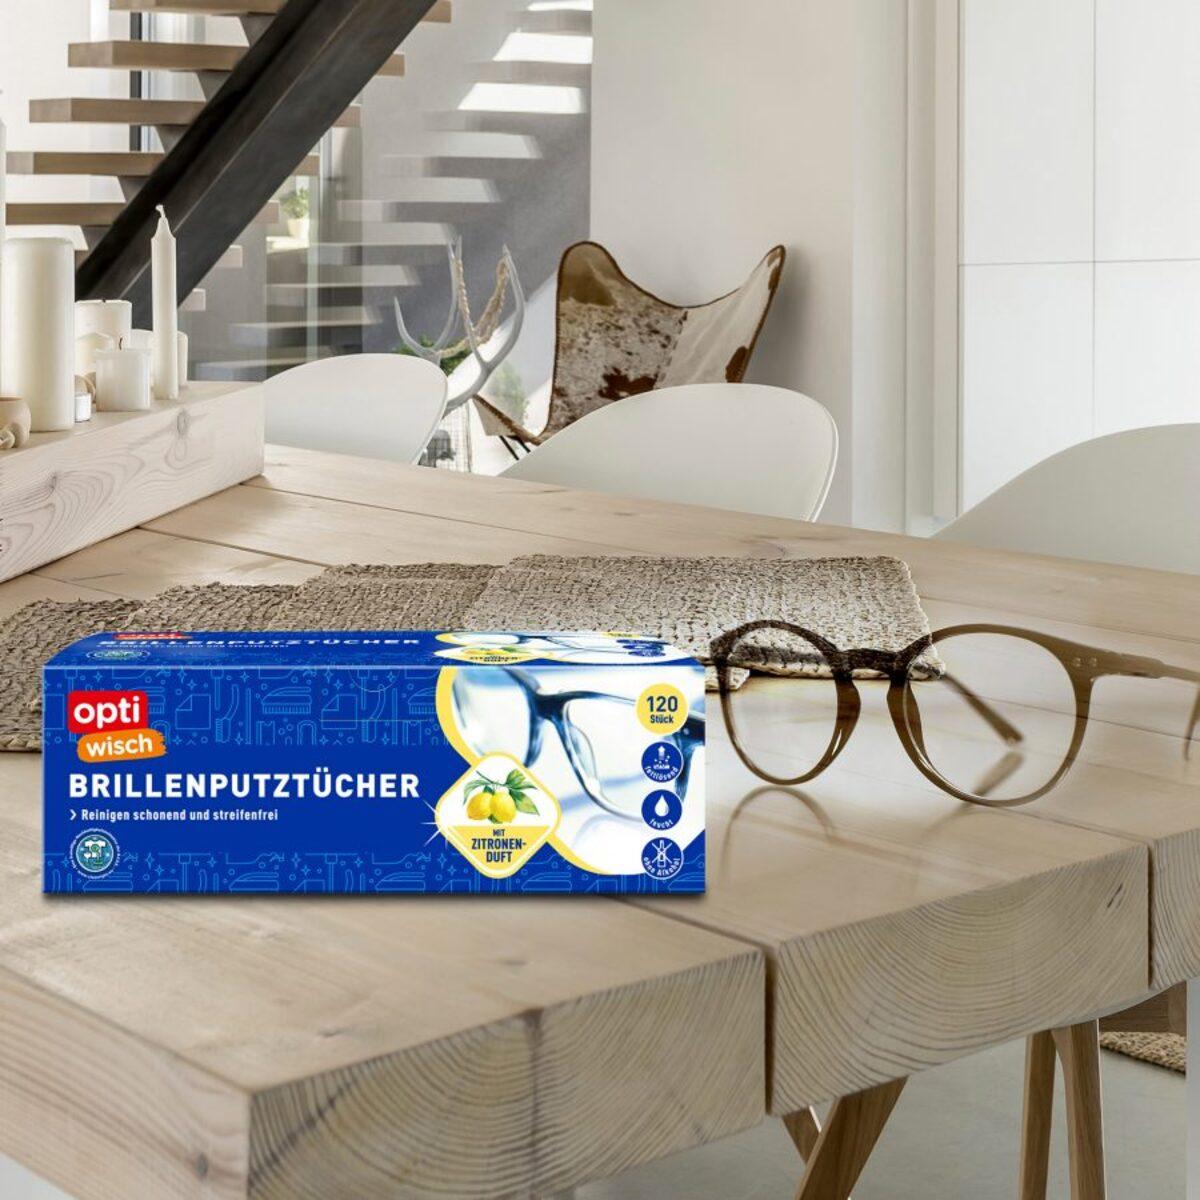 Bild 2 von OPTIWISCH     Brillenputztücher